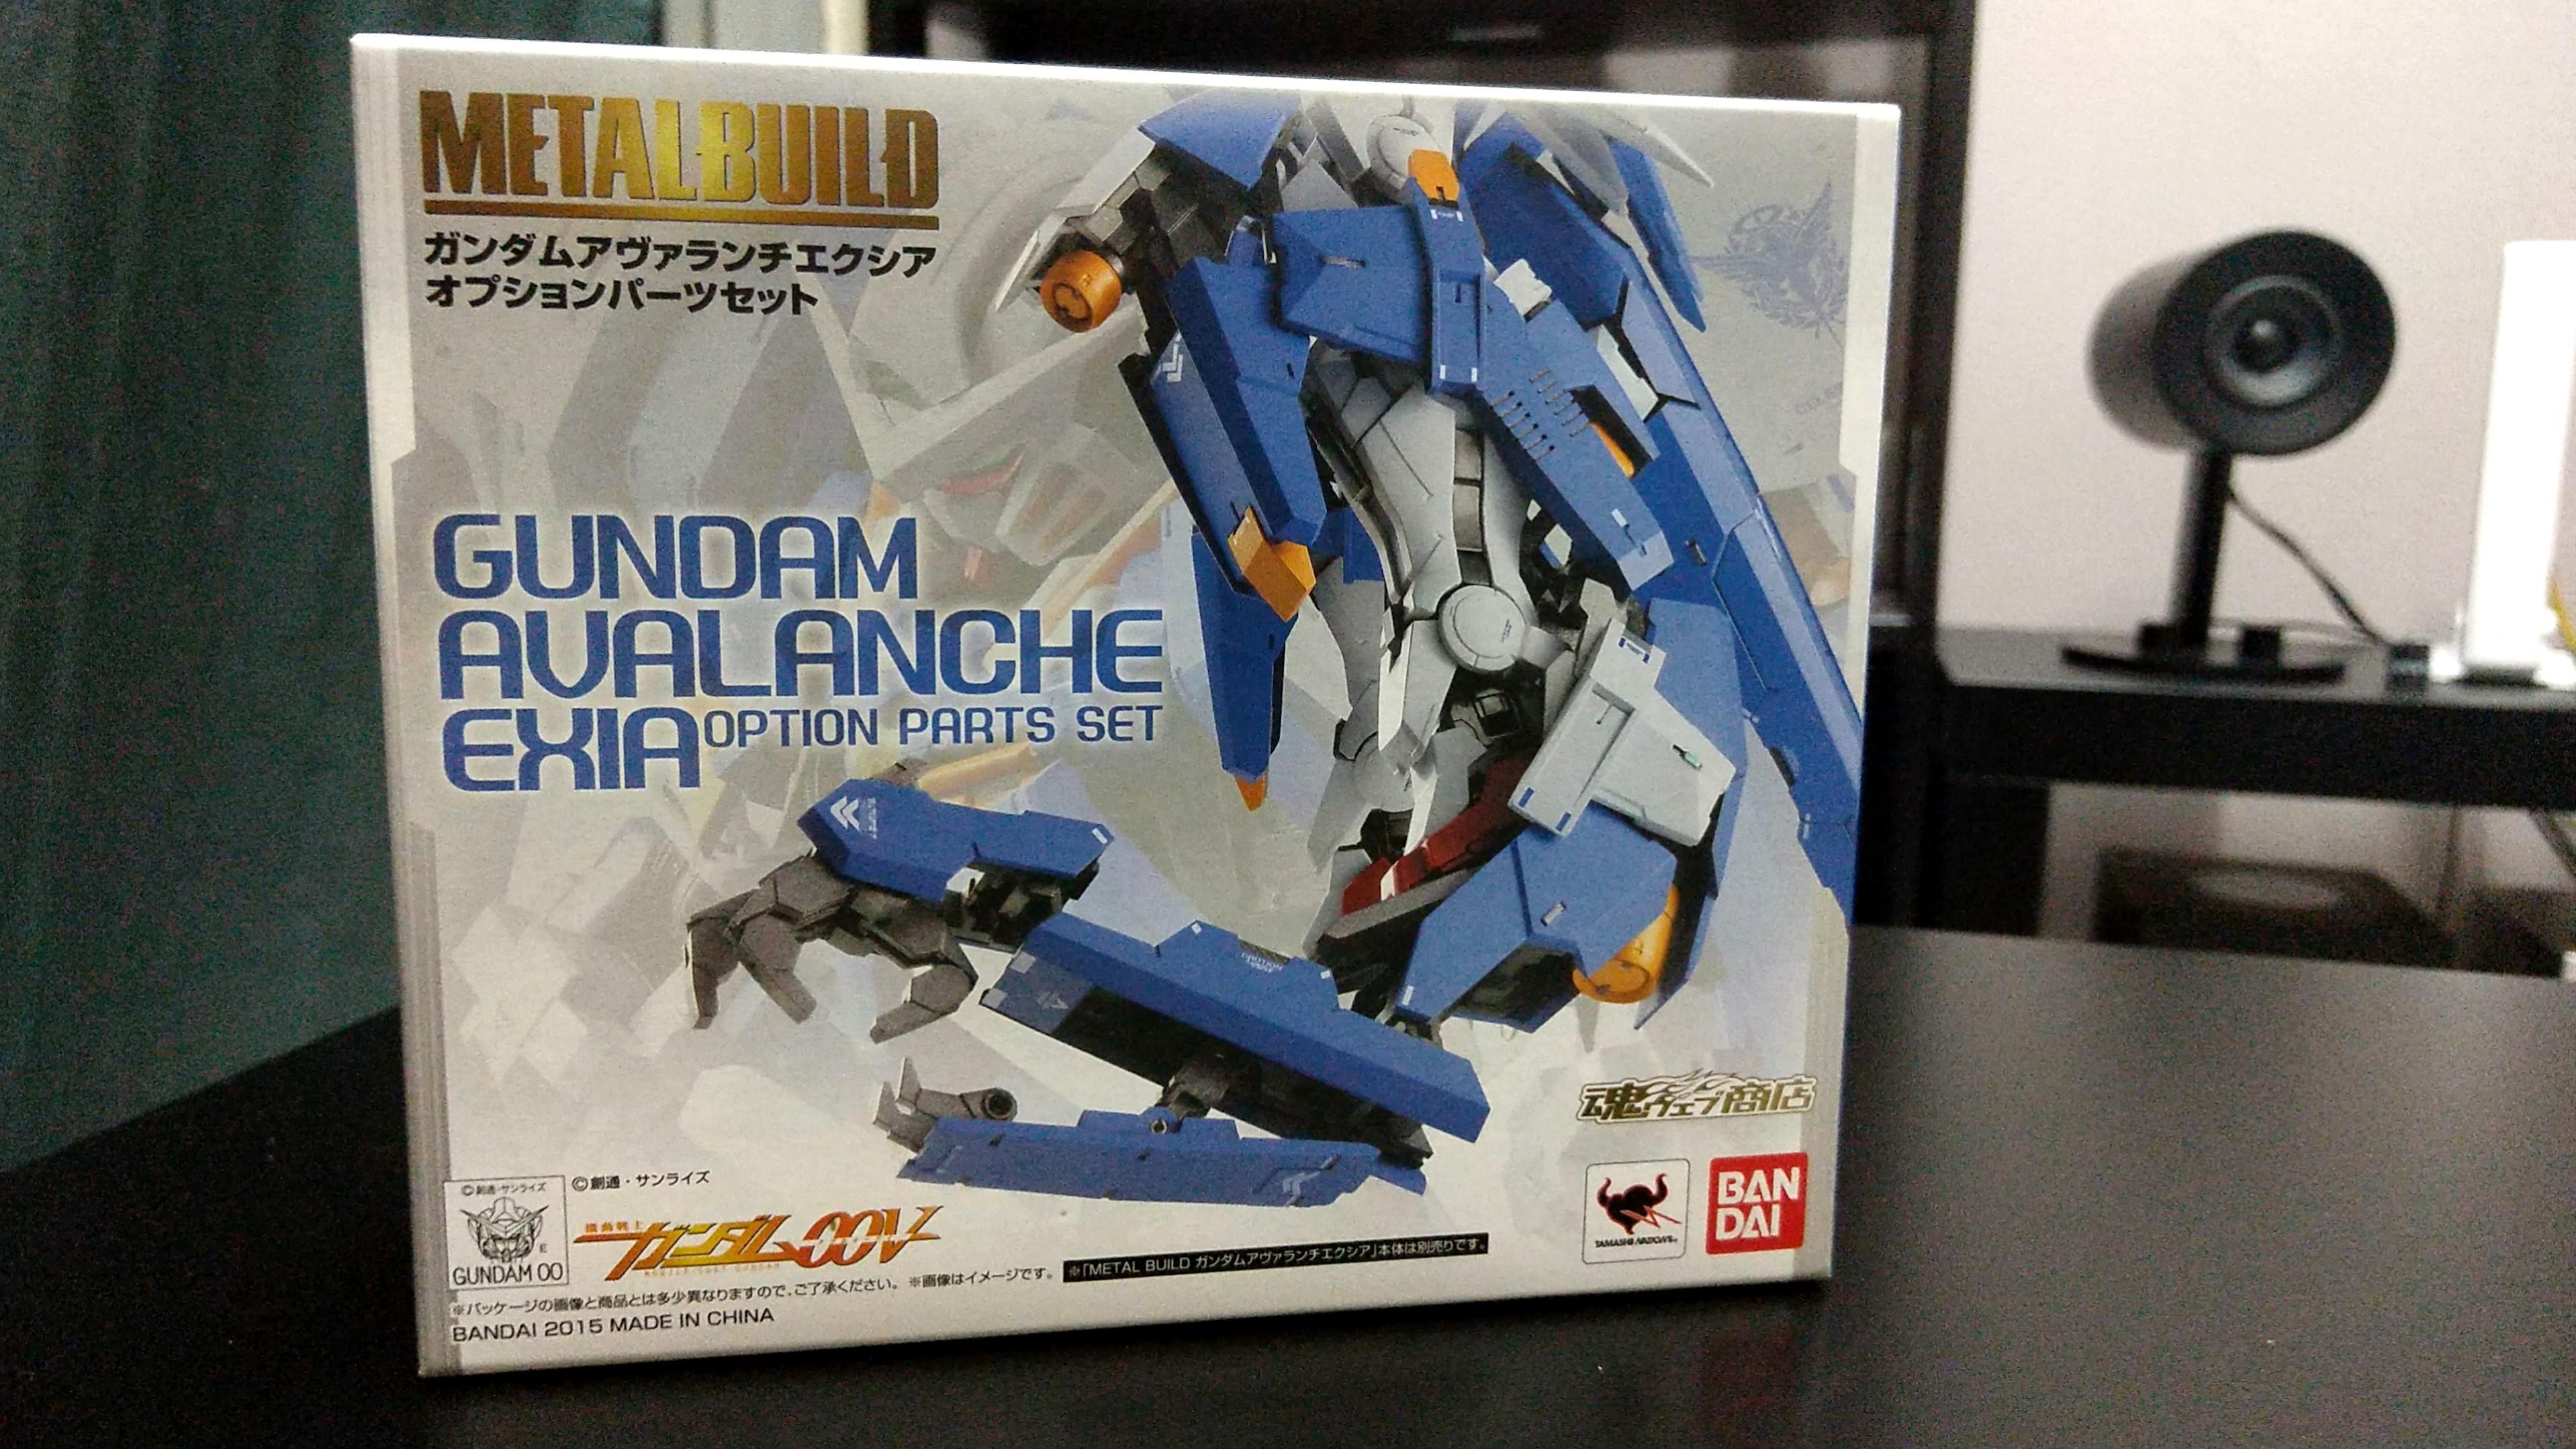 Metal Build Gundan Avalanche Exia *AND* Gundam Avalanche Exia Option Parts: Bandai Tamashii Nations